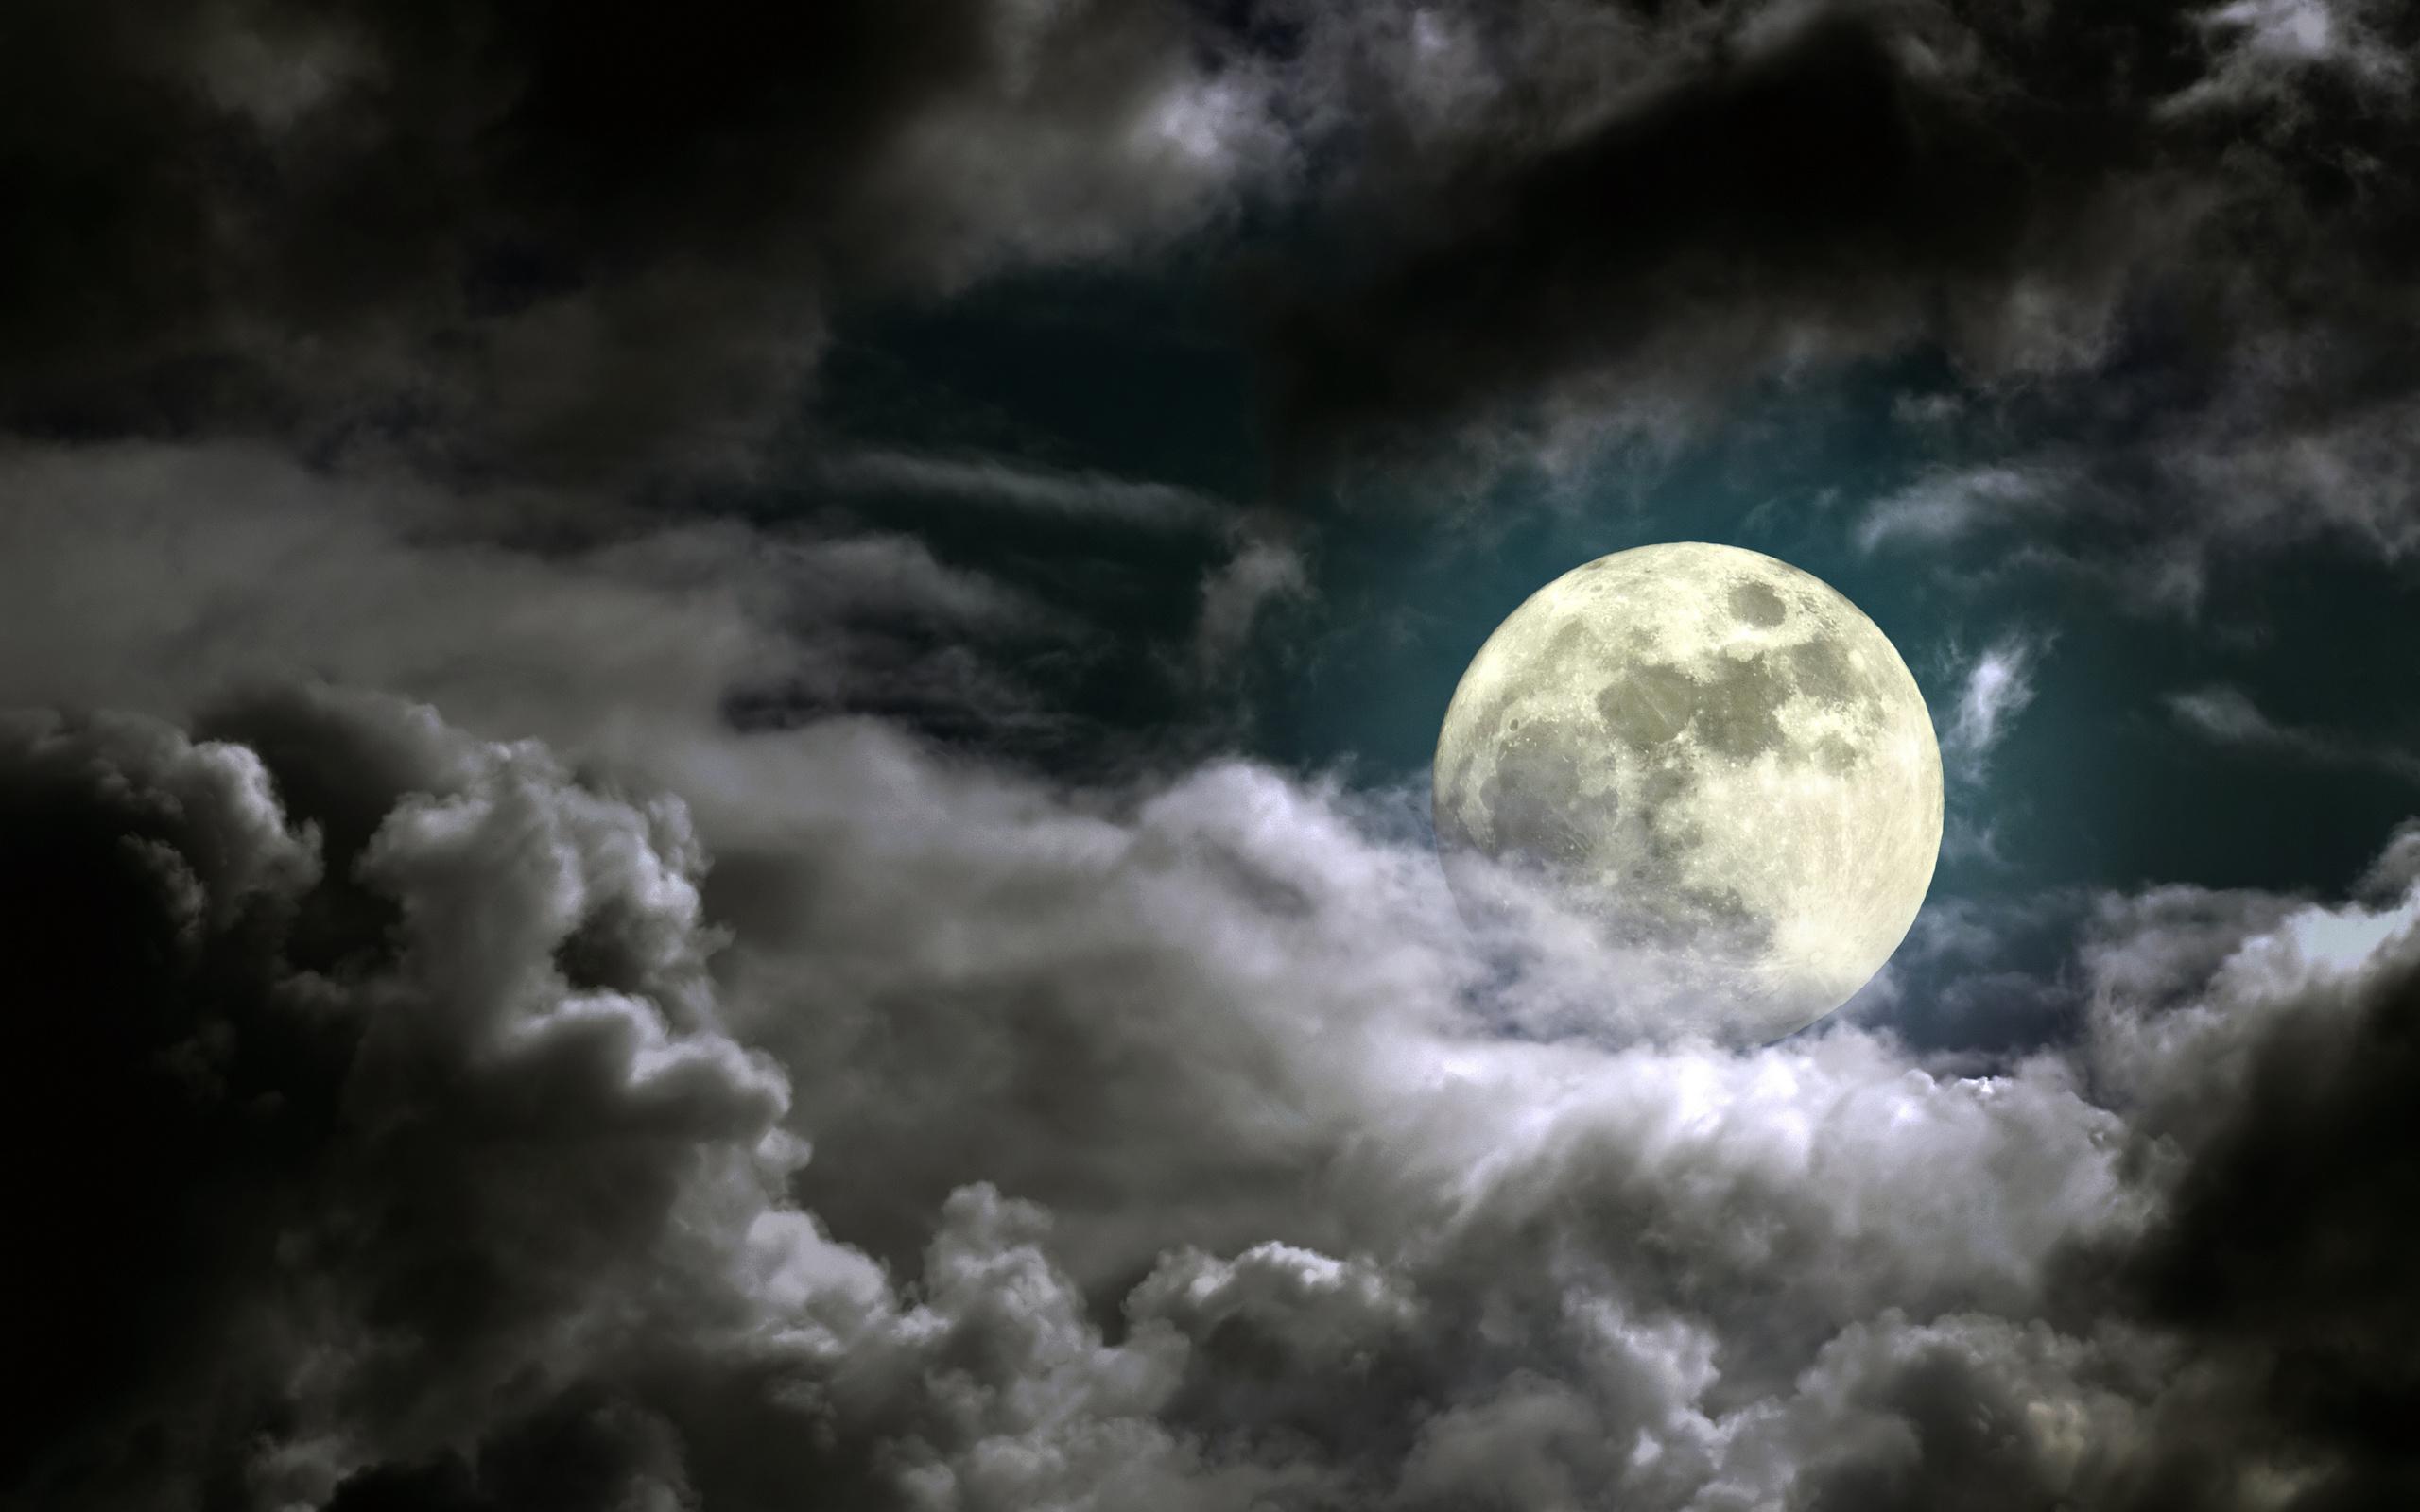 Картинки красивые про луну, открыток анимация счастья